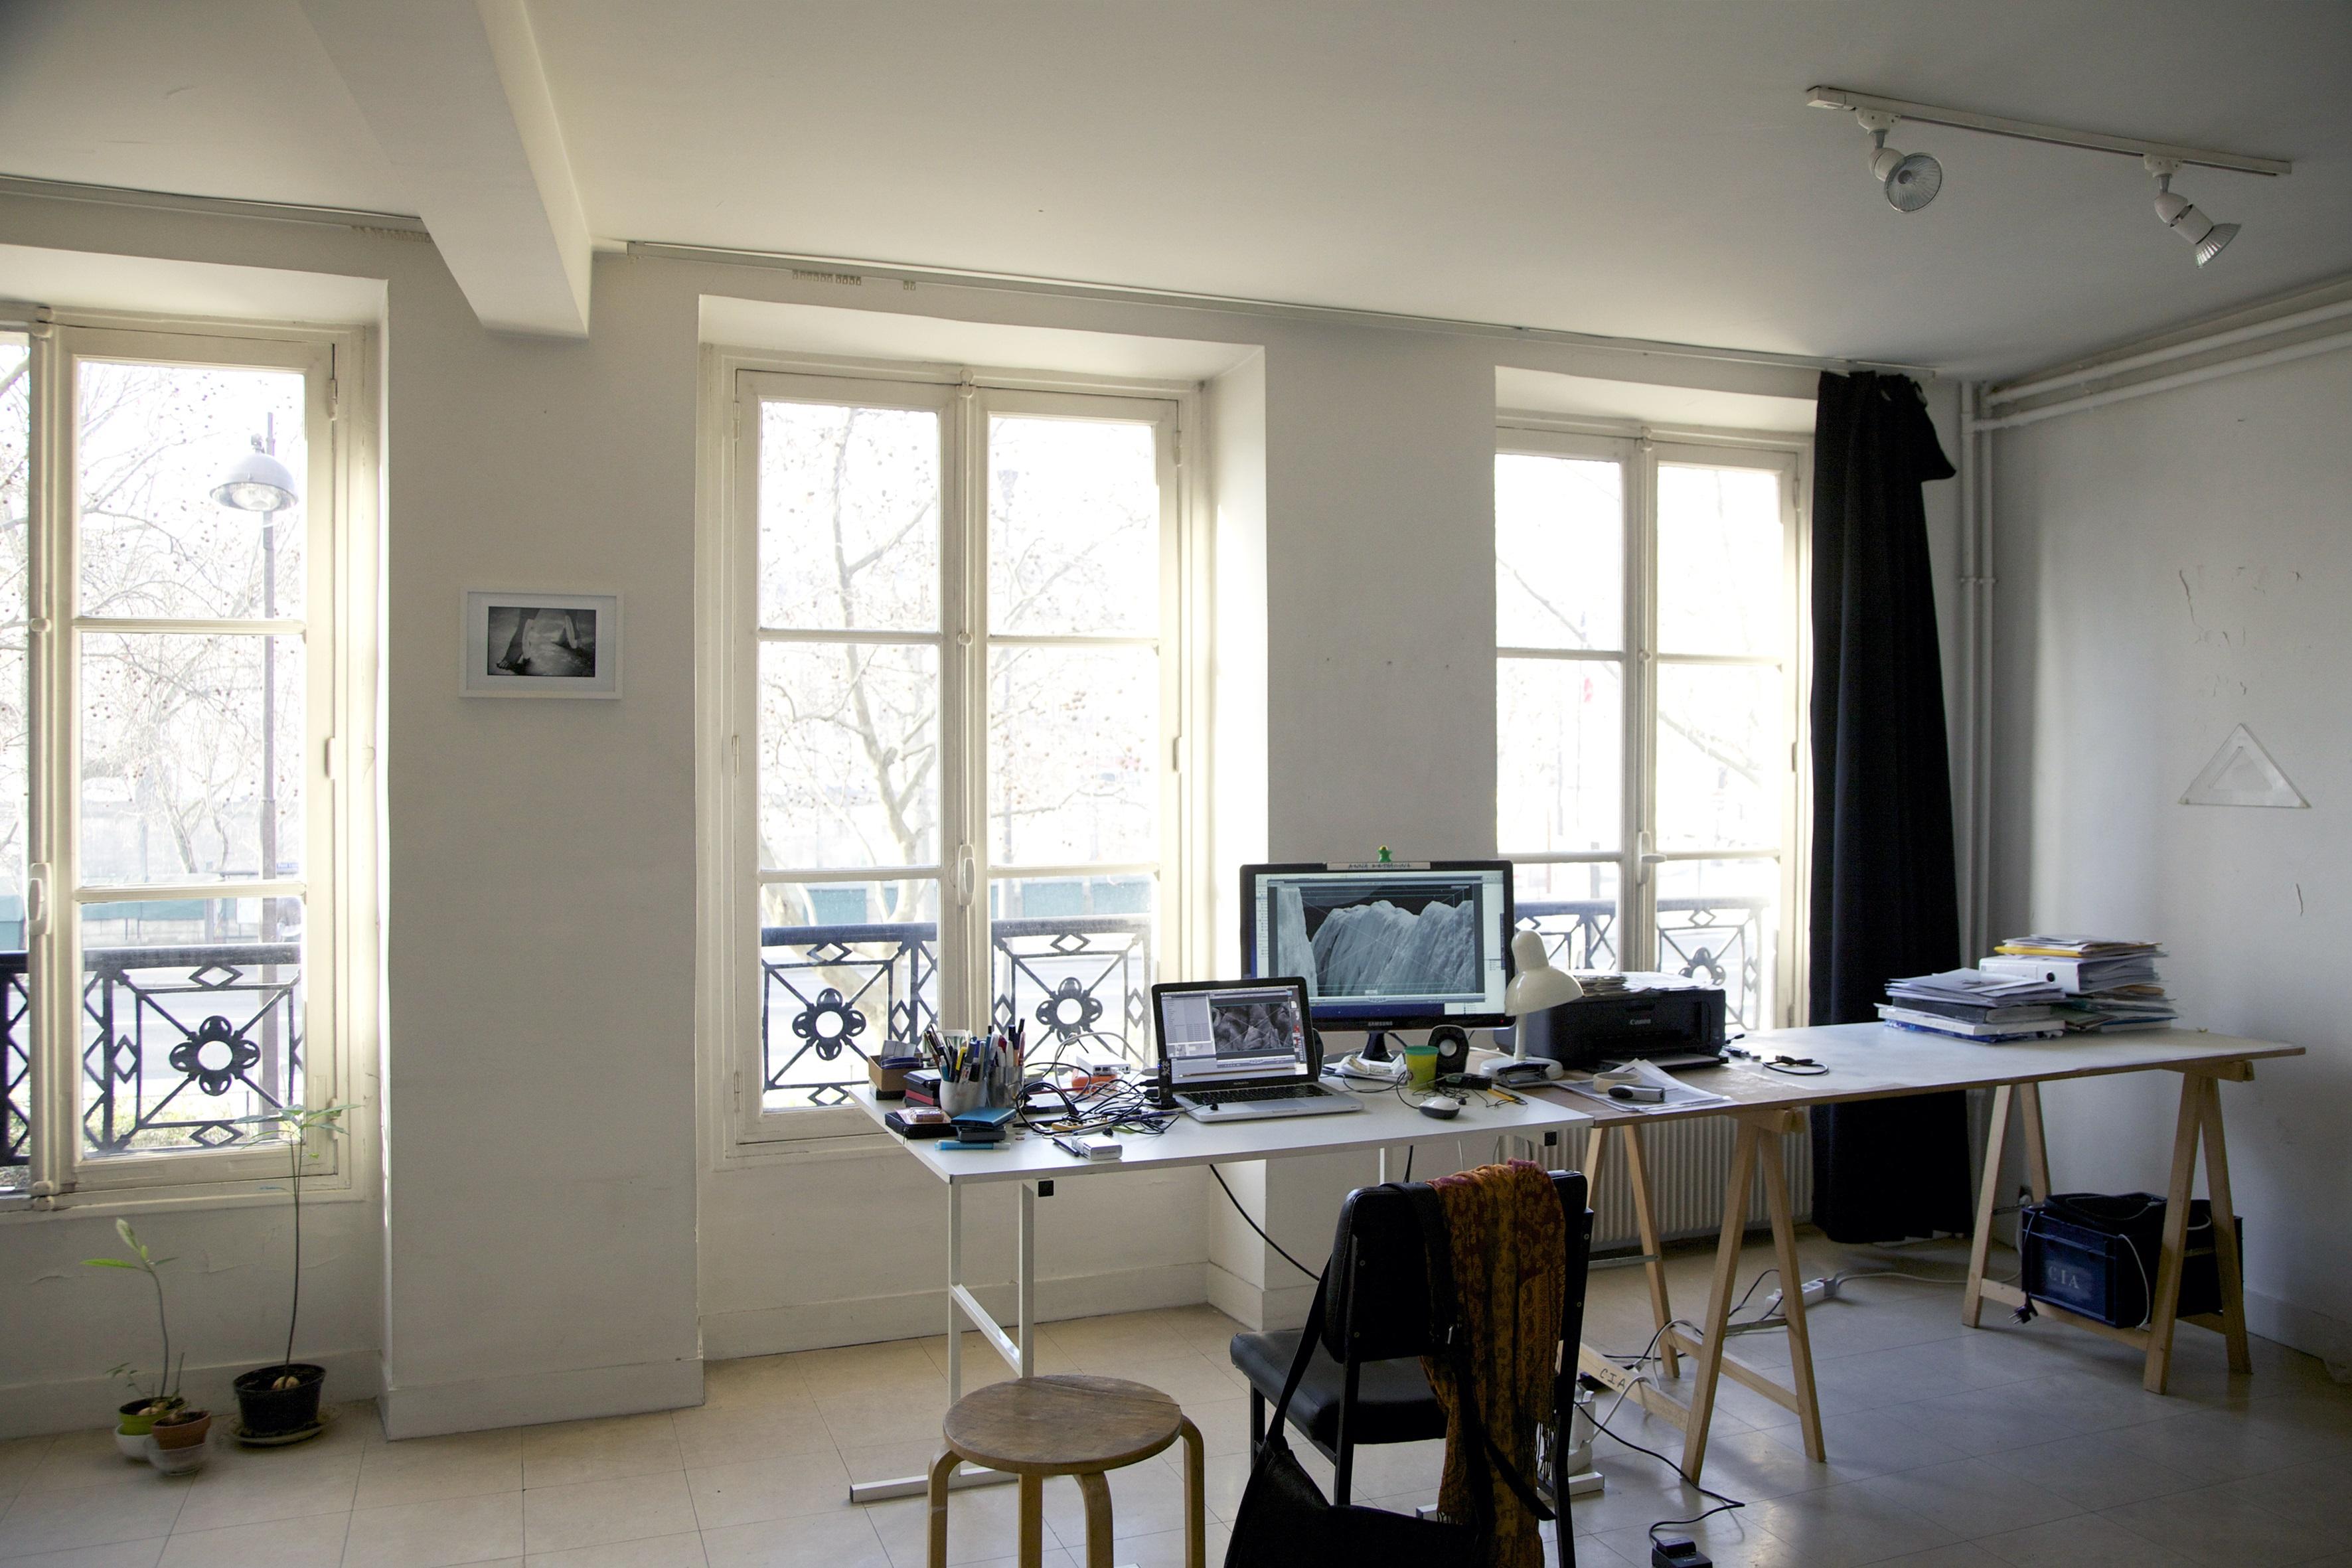 les ateliers cit internationale des arts. Black Bedroom Furniture Sets. Home Design Ideas